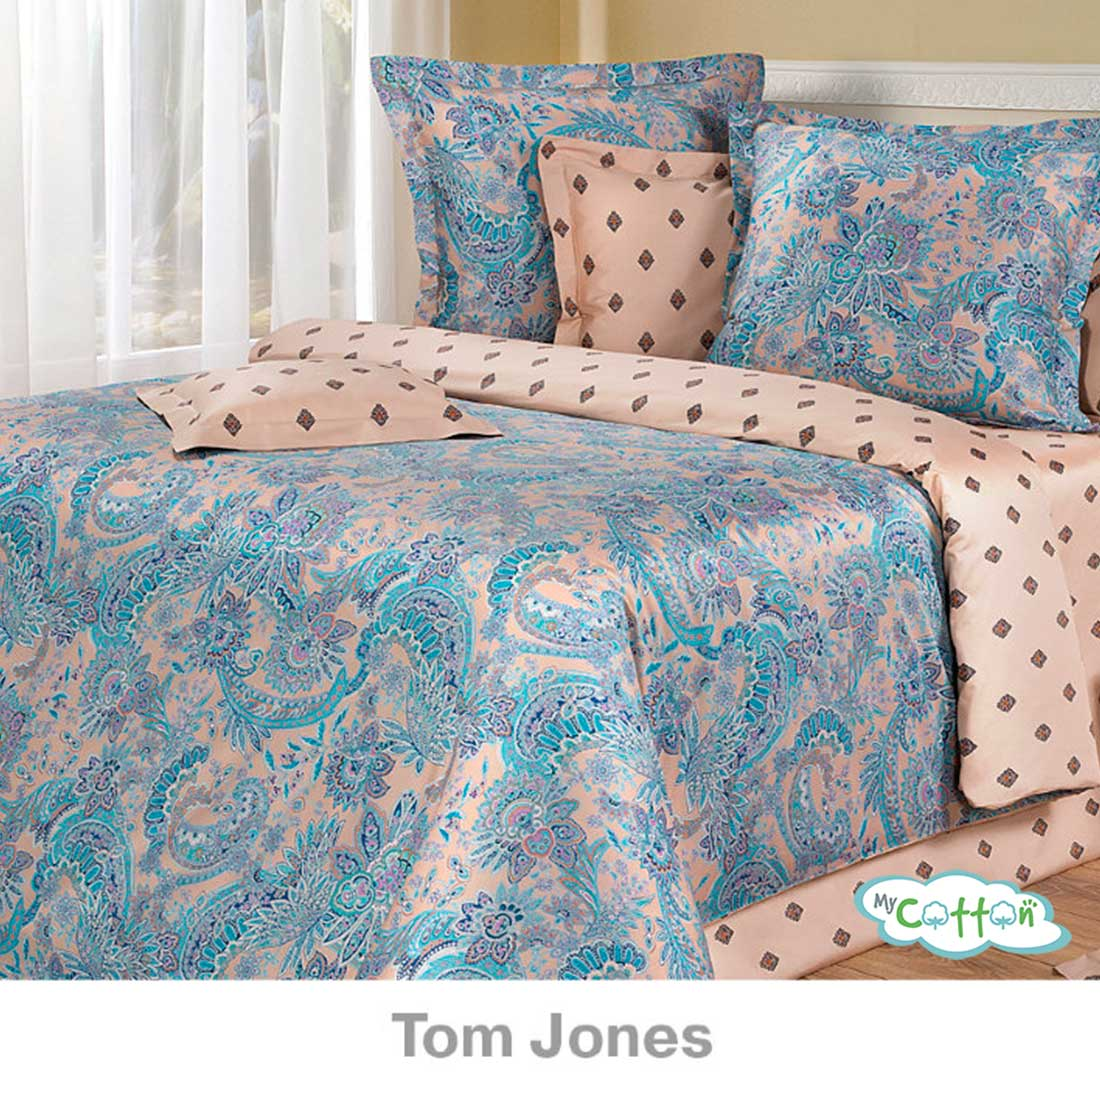 Постельное белье Tom Jones (Том Джонес) коллекция Философия (Philosophy)